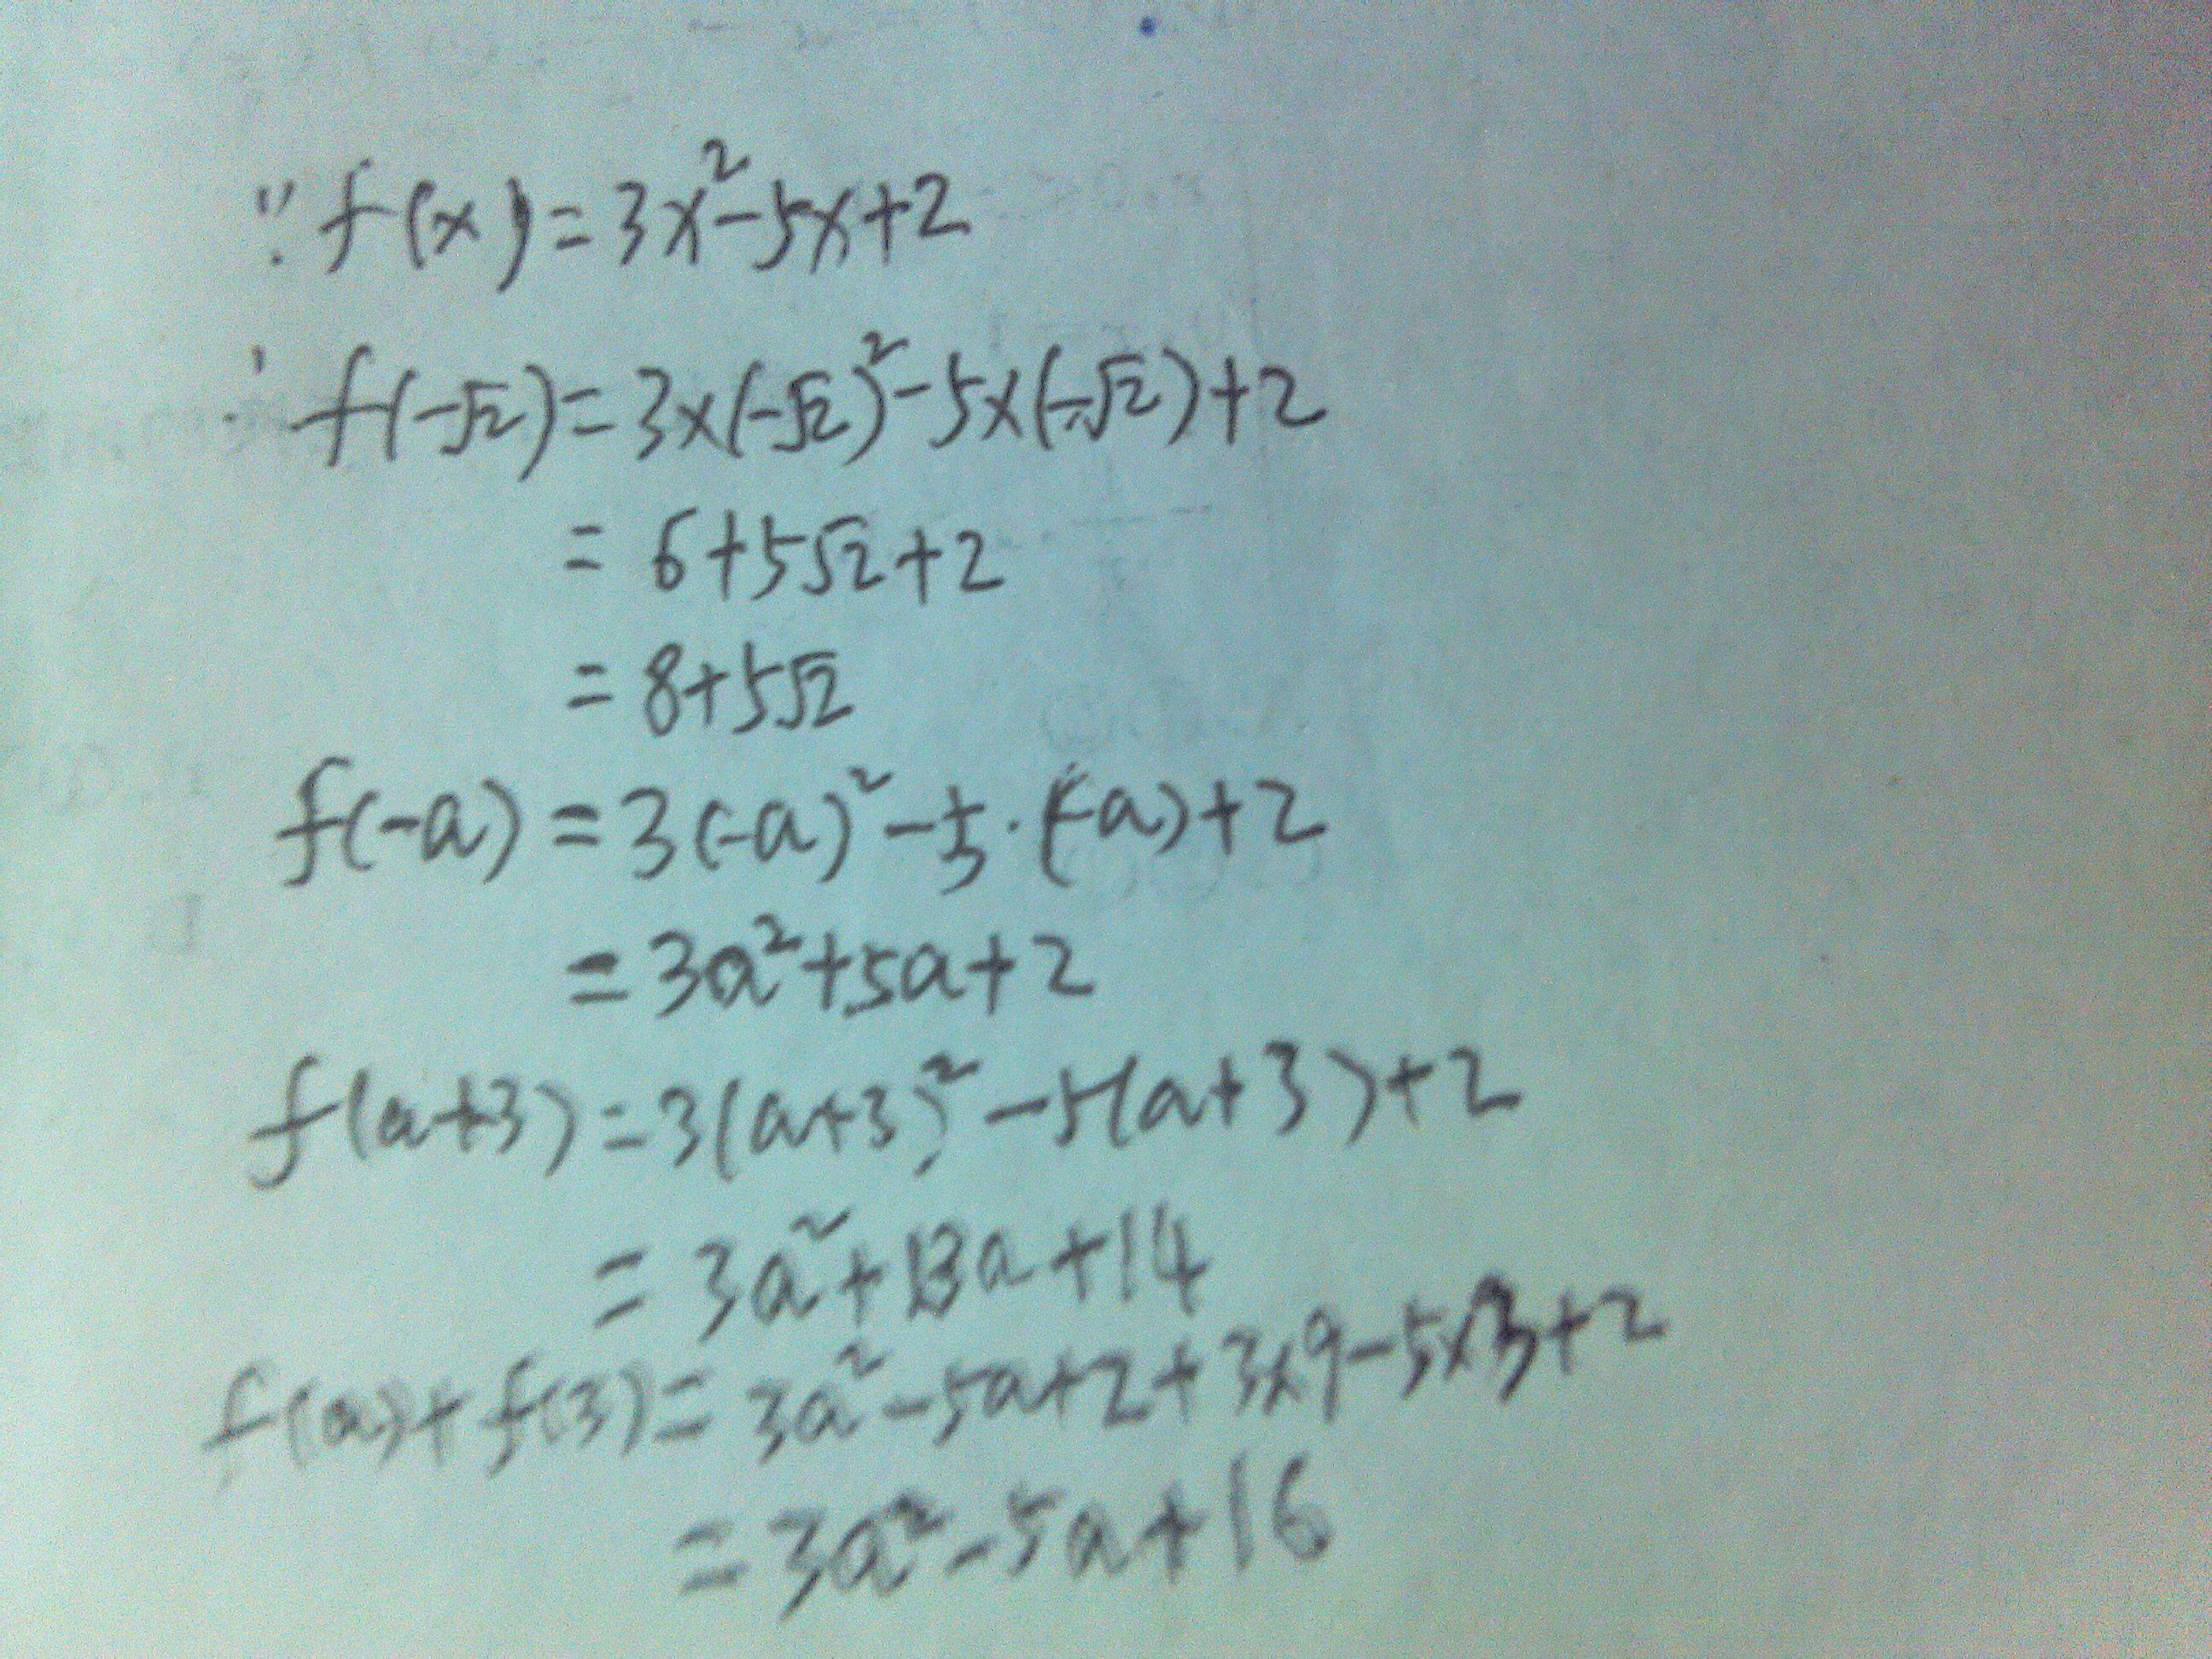 已知函数f x 3x平方 5x 2 求f高清图片